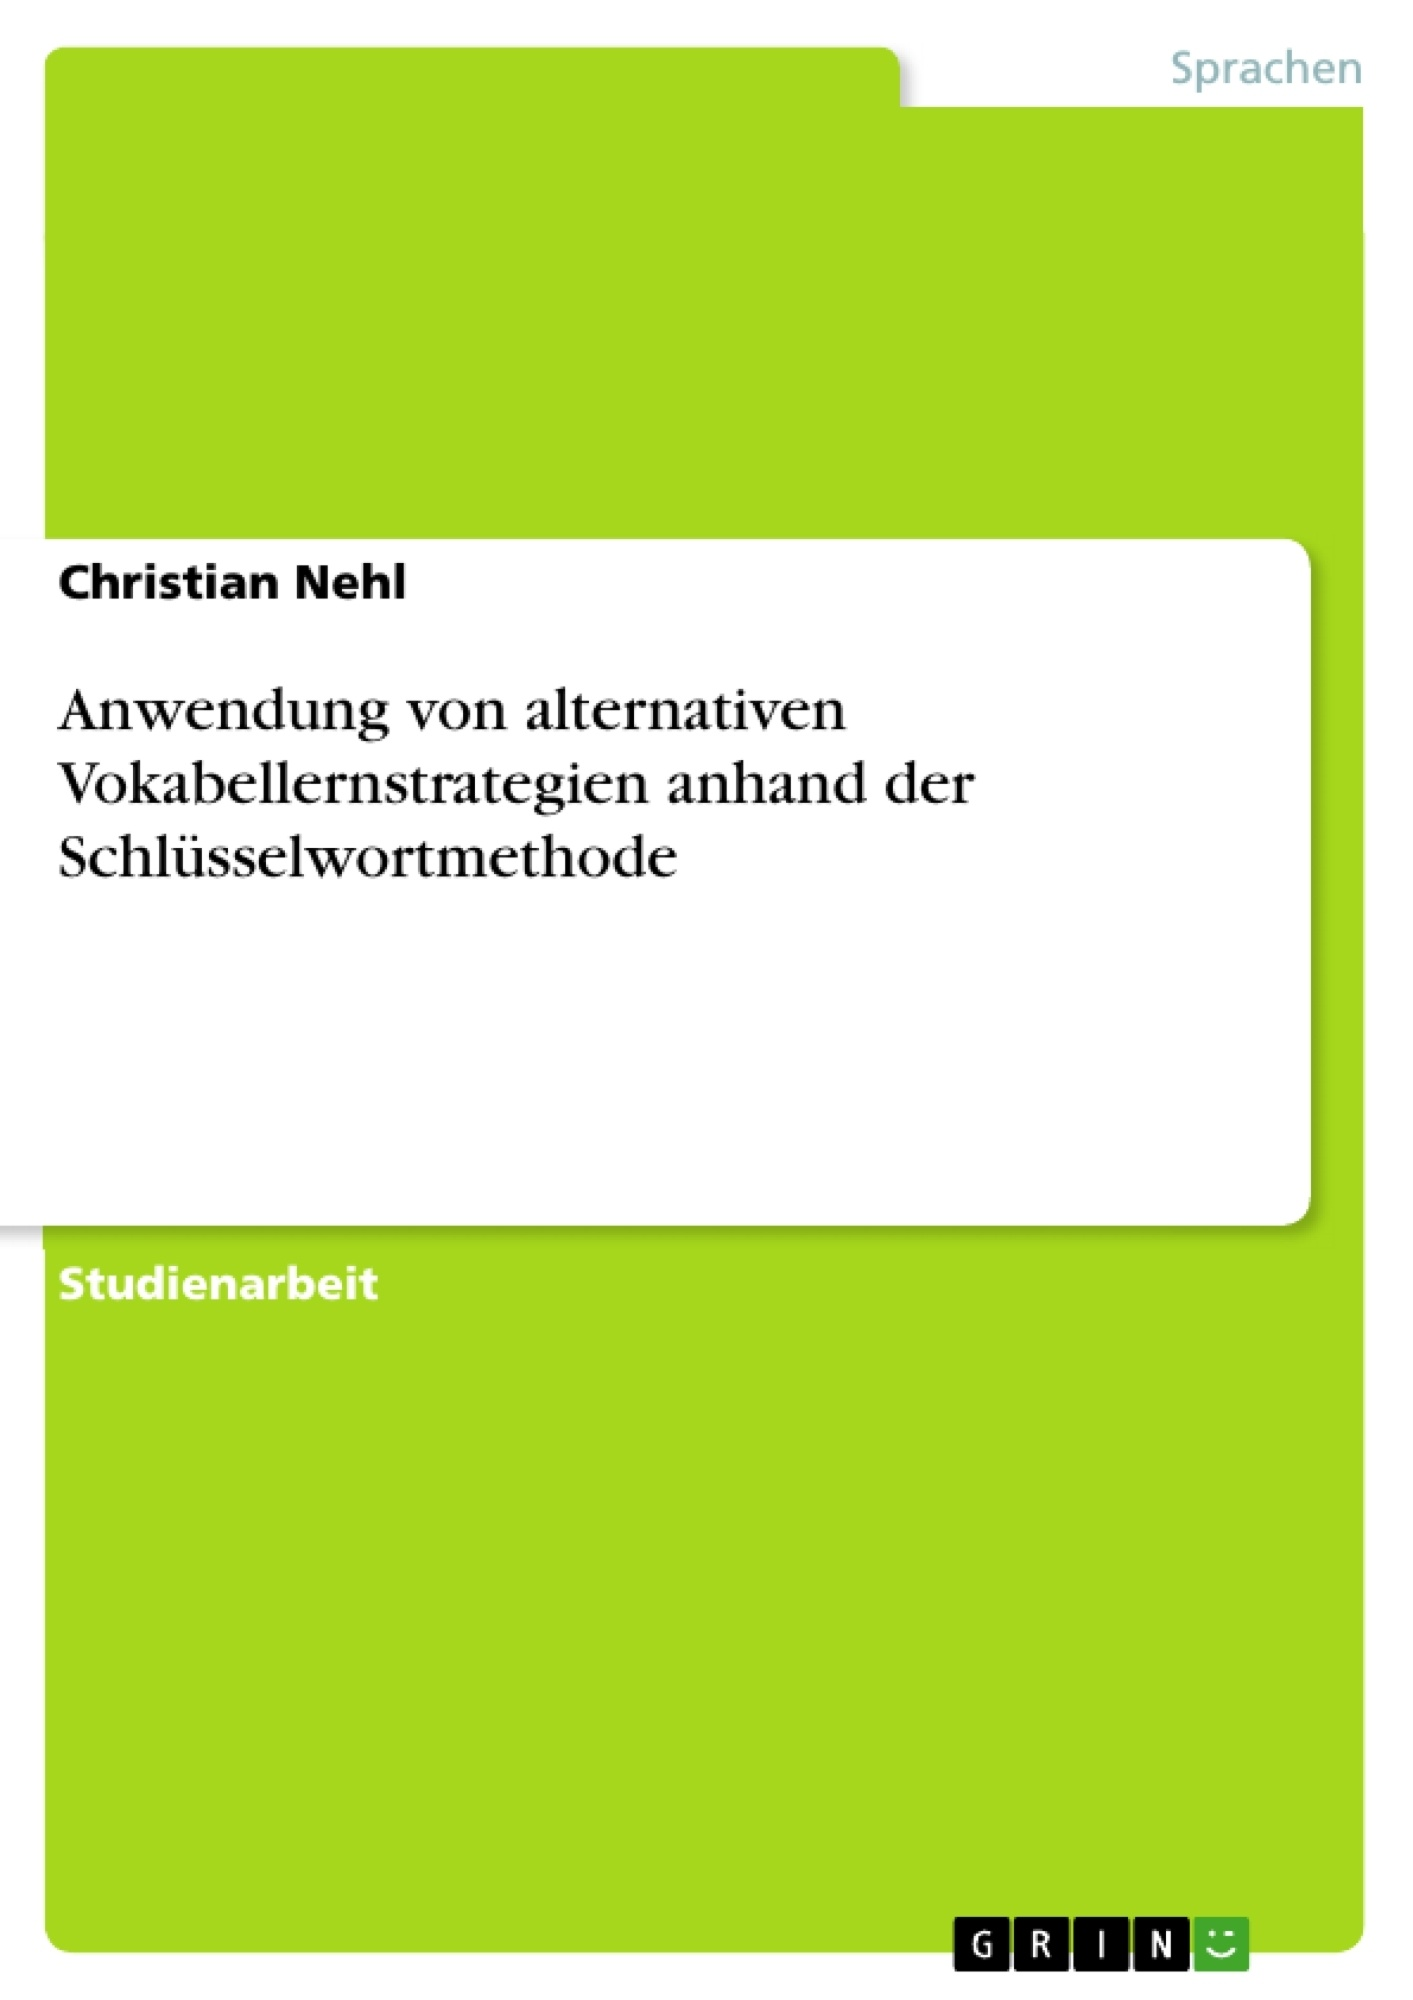 Titel: Anwendung von alternativen Vokabellernstrategien anhand der Schlüsselwortmethode